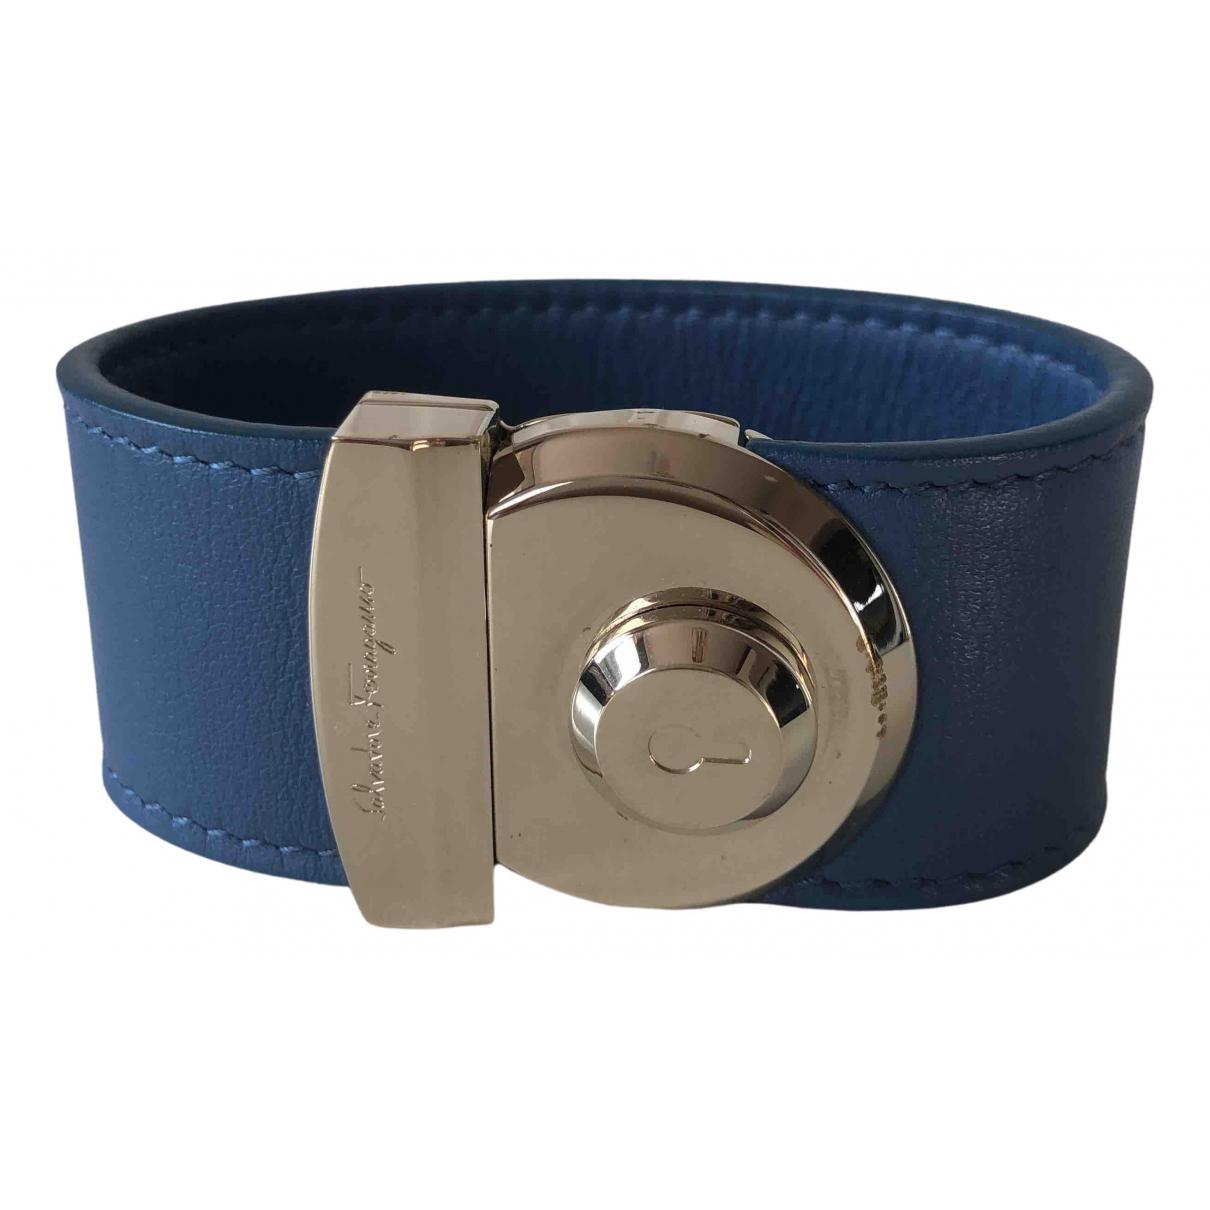 Salvatore Ferragamo \N Blue Leather bracelet for Women \N